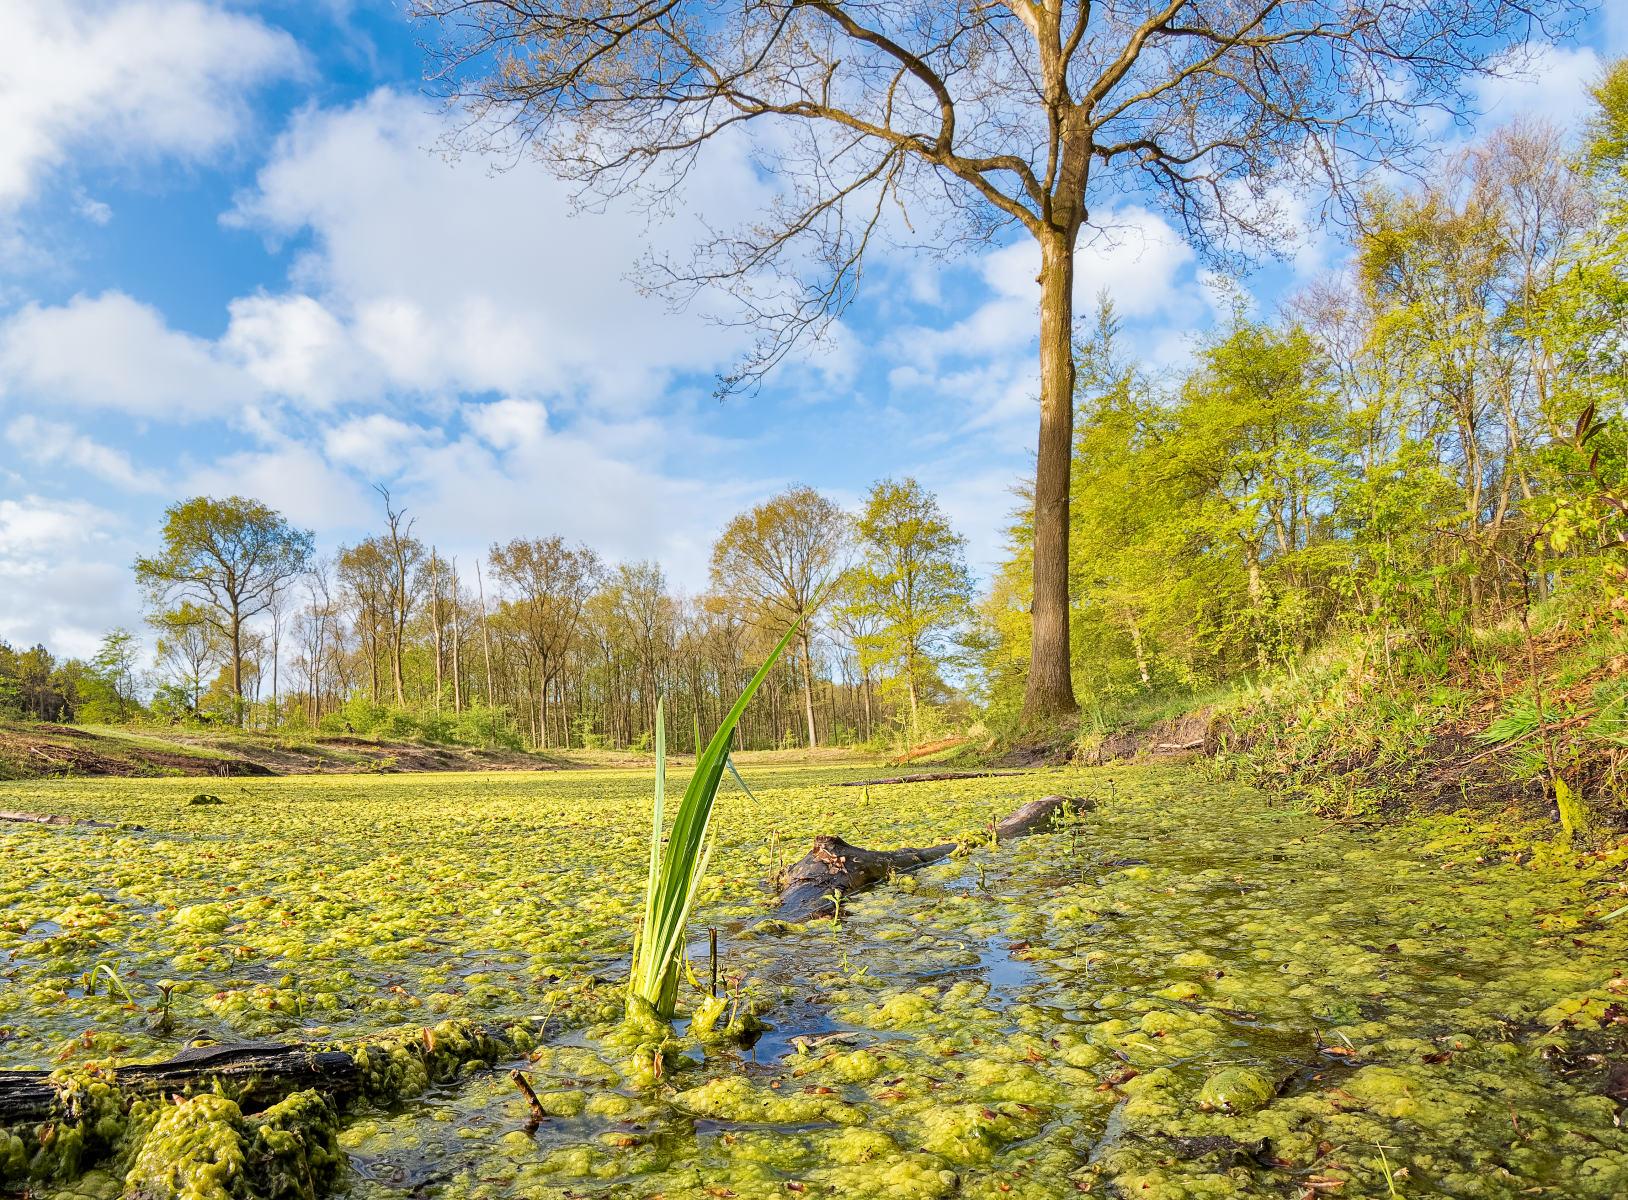 green algae invasion in spring pond